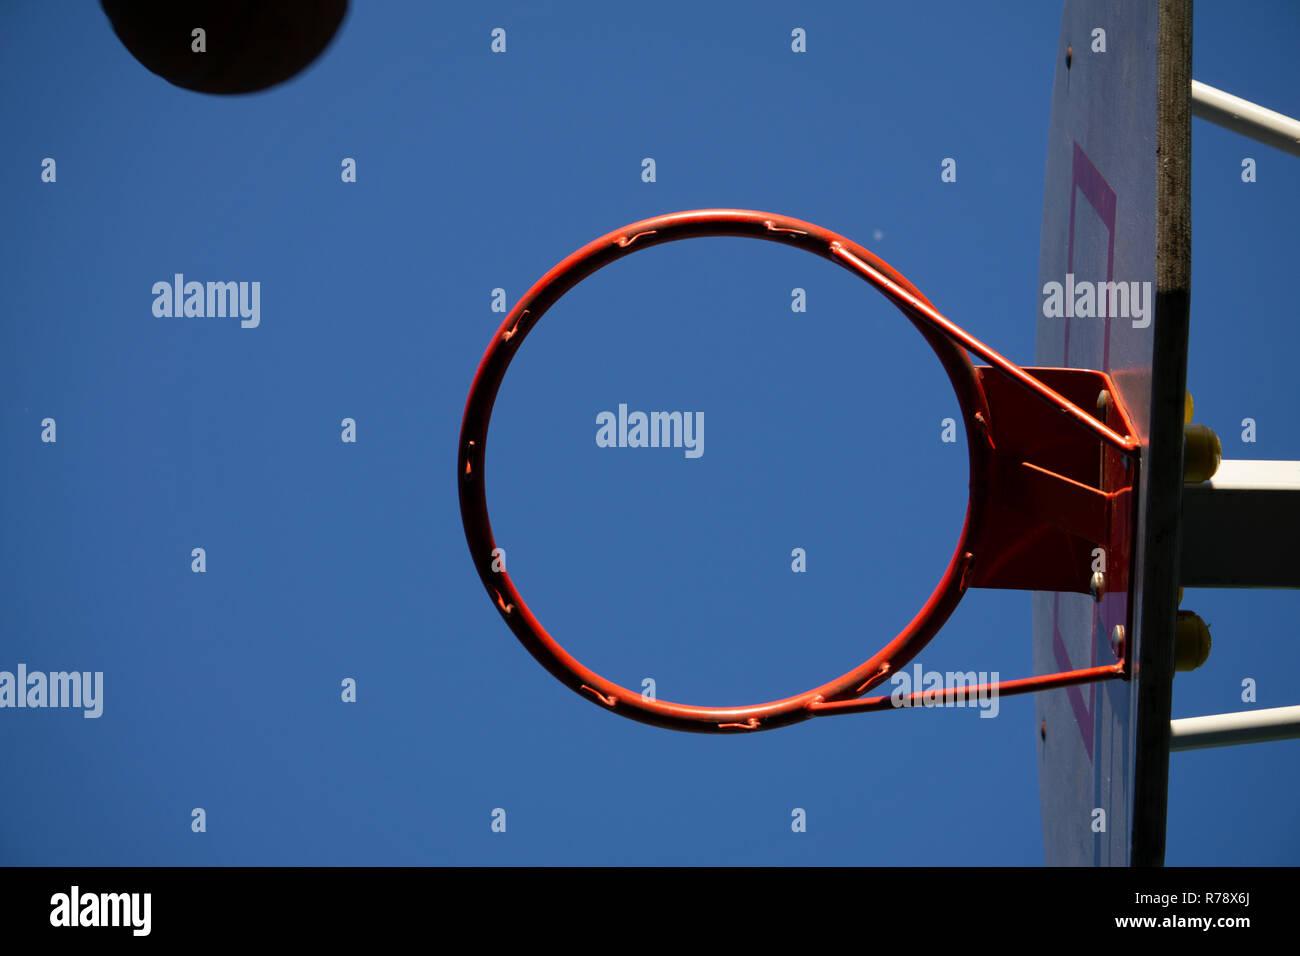 Cerrar en un aro de baloncesto con net contra el cielo gris Imagen De Stock